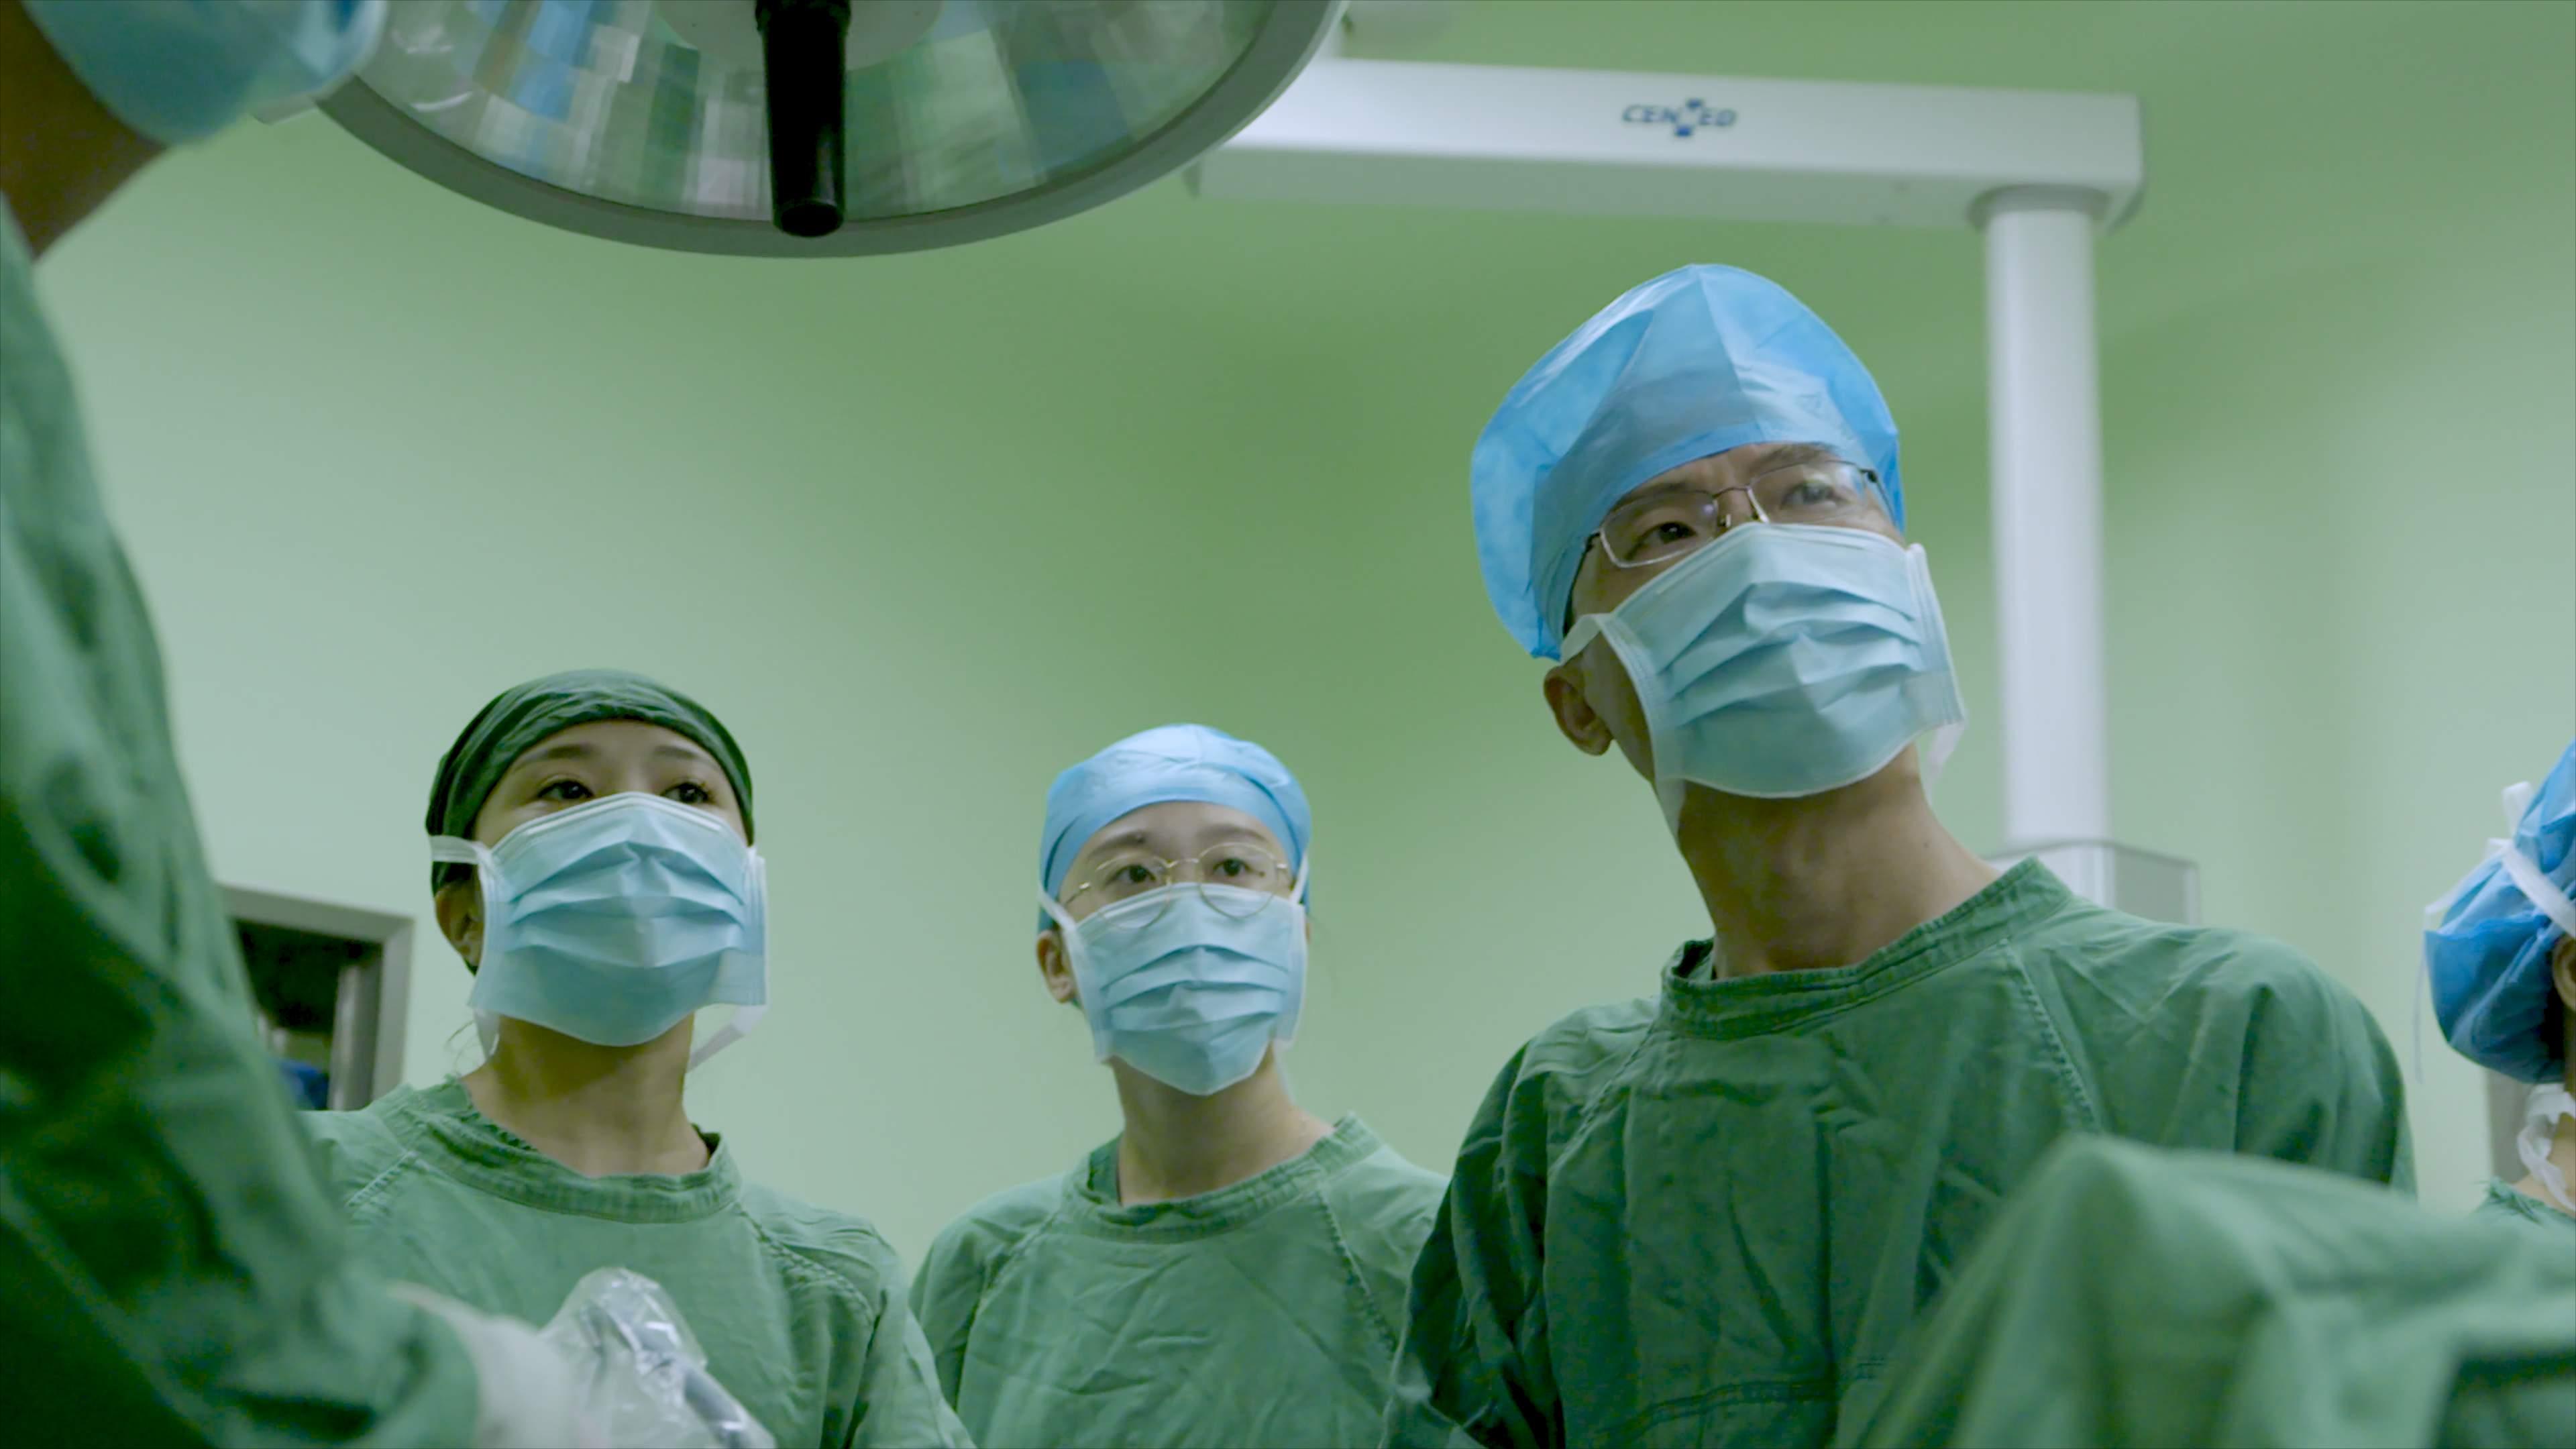 「肝胆」相照 「胰」路向前,这个省重点专科不简单